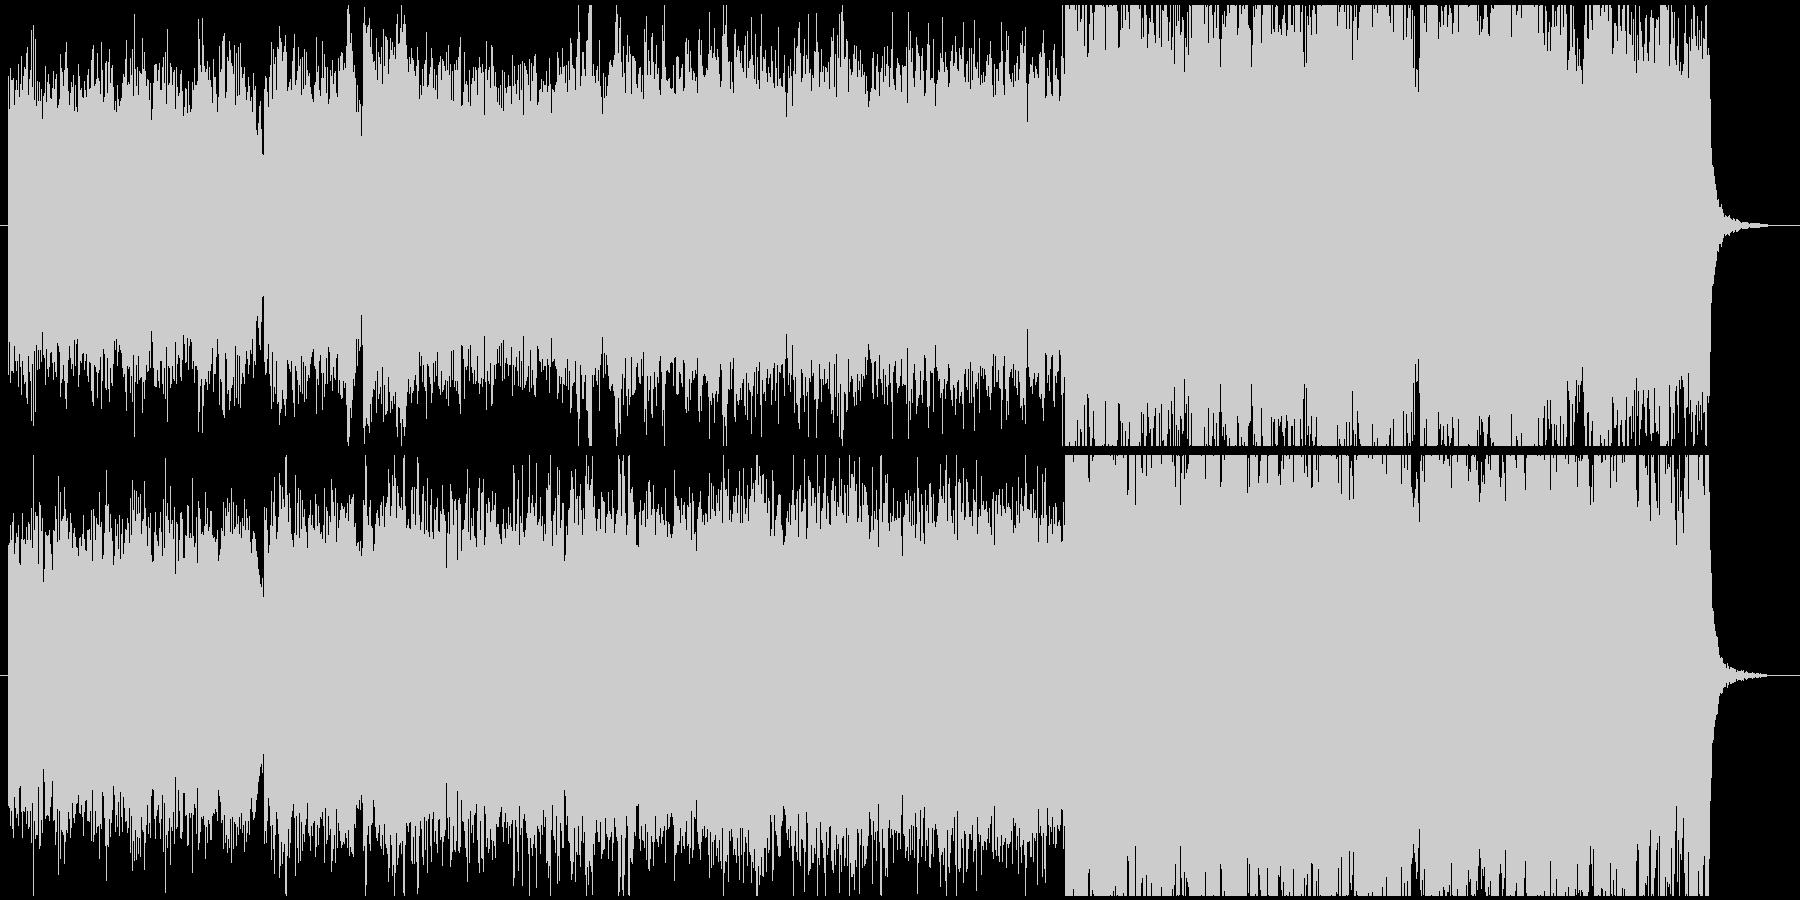 シルクロードをイメージした喜多郎風の曲の未再生の波形